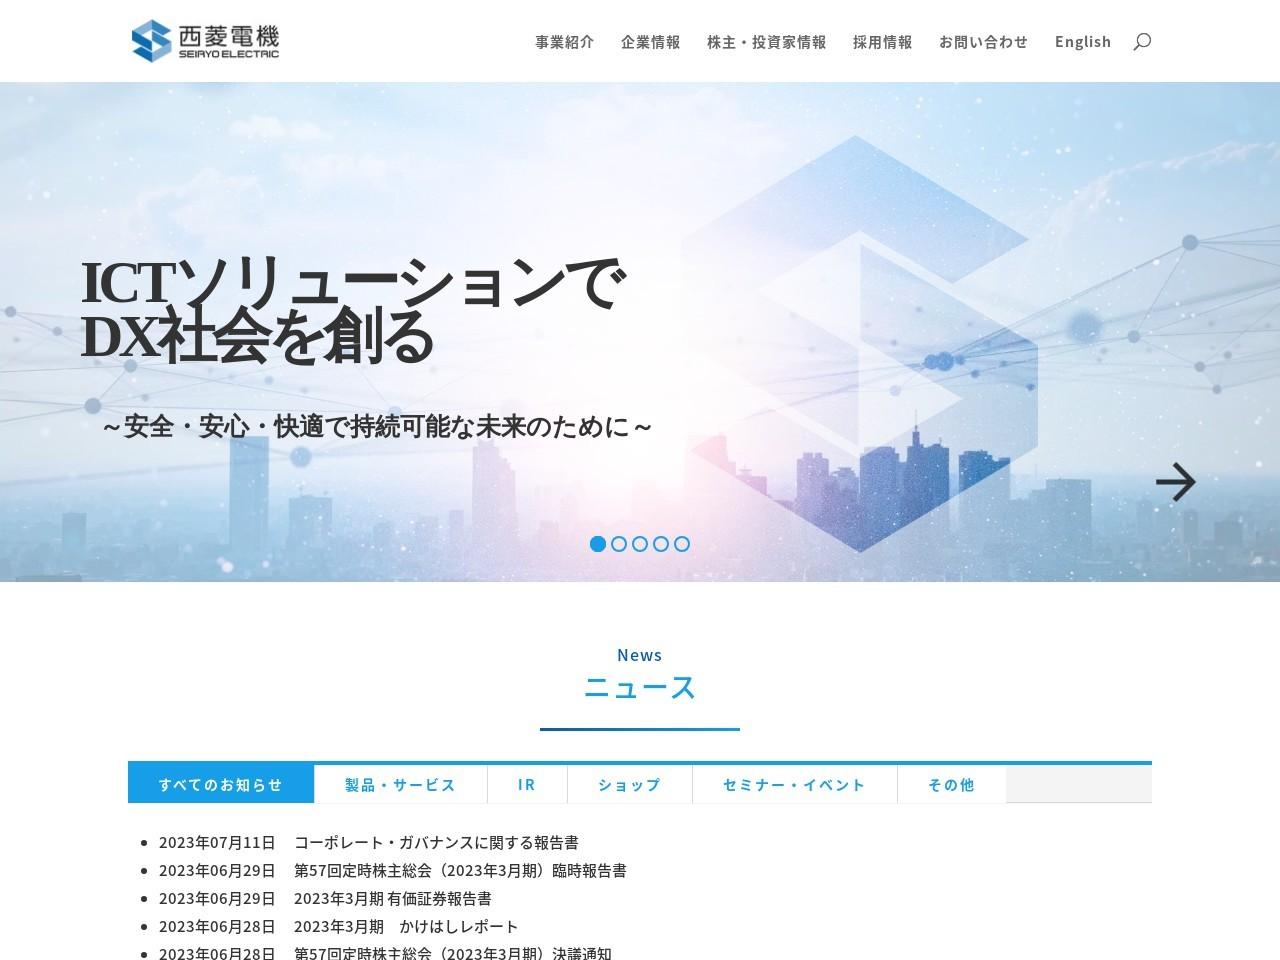 西菱電機株式会社神奈川営業所